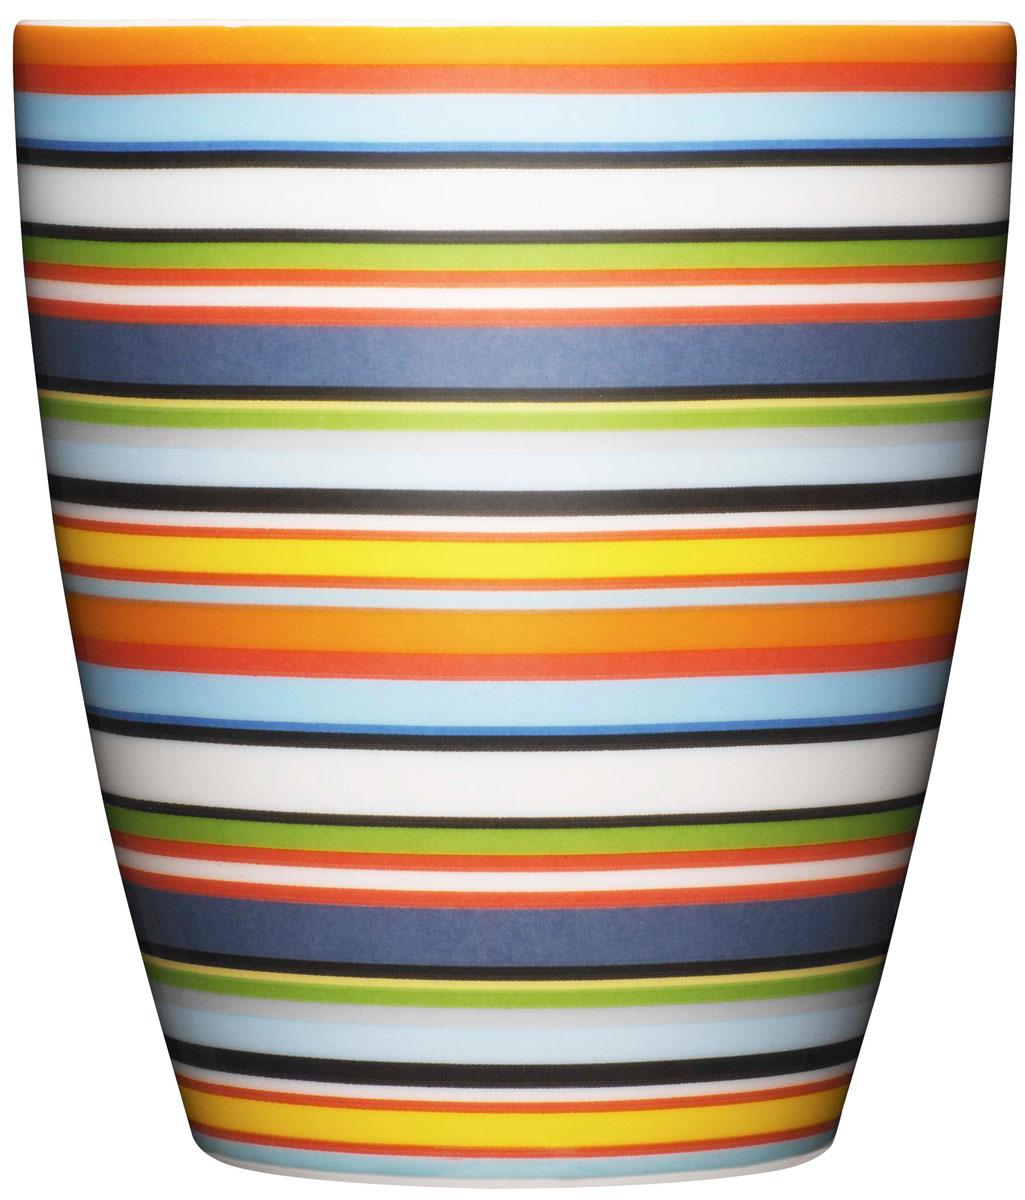 Кружка Iittala Origo, 250 мл1011822Чашка Iittala Origo выполнена из качественного жароустойчивого прочного фарфора. Чашка имеет яркий дизайн, поэтому будет стильно выглядеть на любой кухне. Можно мыть в посудомоечной машине.Объем:: 250 мл.